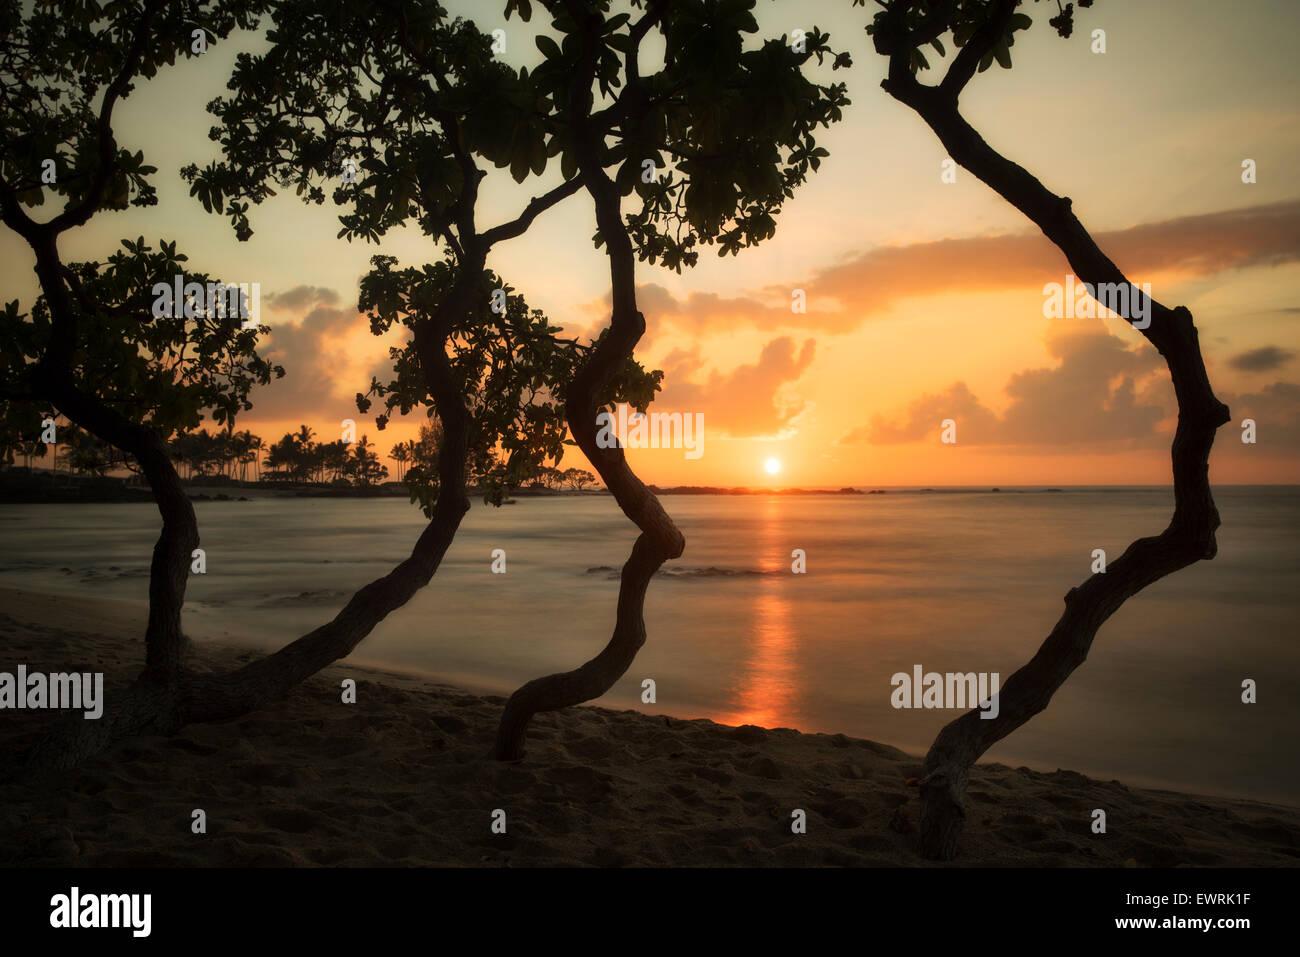 Puesta de sol a través de los árboles en la costa Kohala. Hawai, la Isla Grande. Imagen De Stock